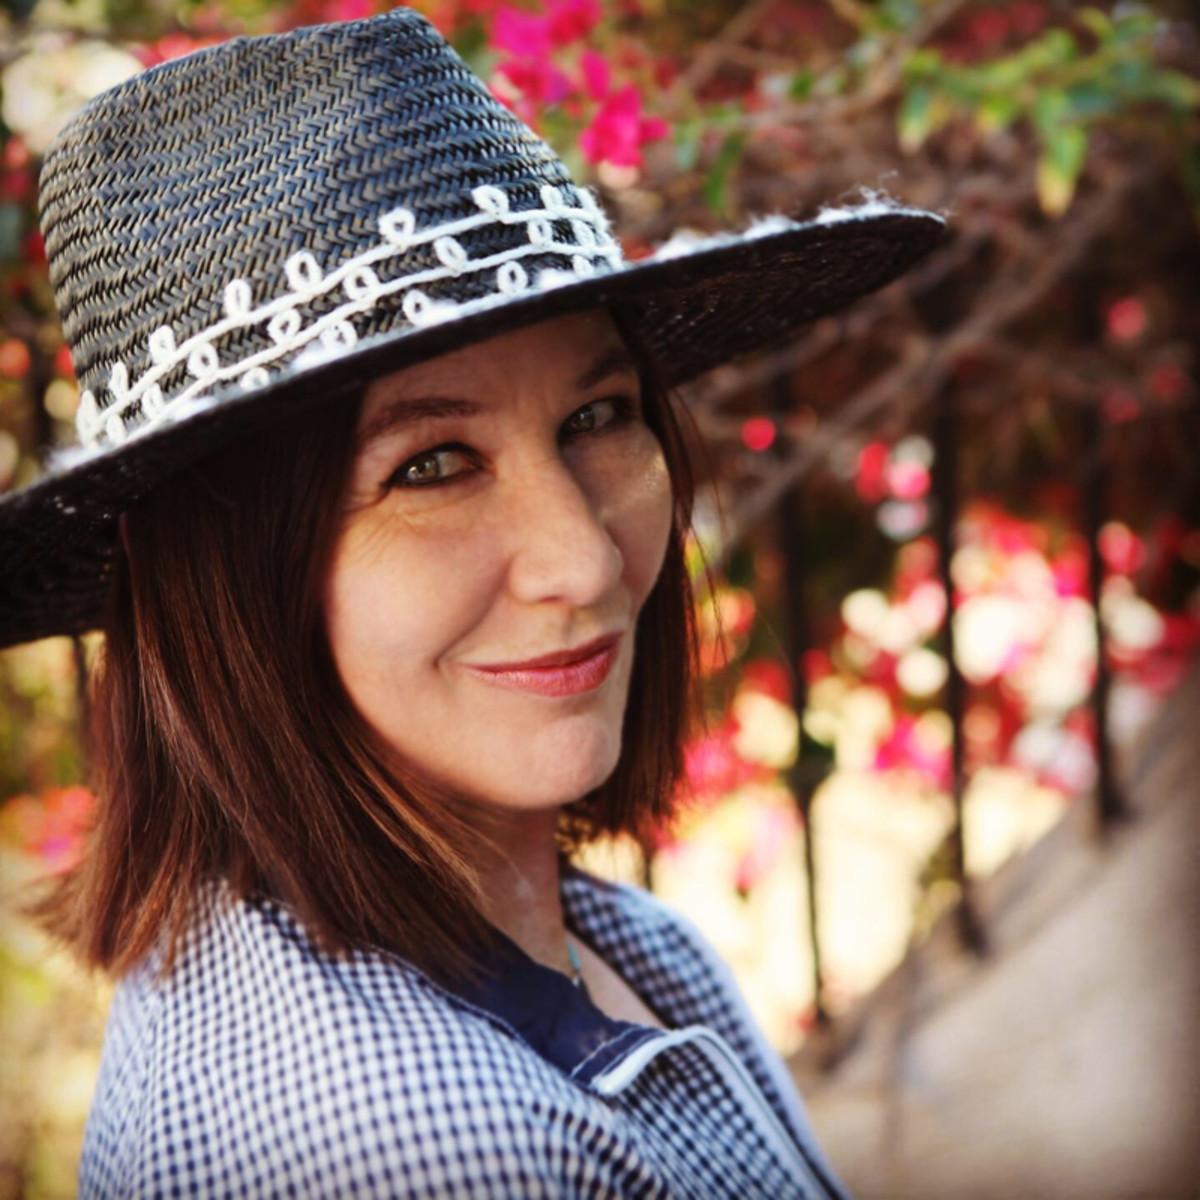 Kathy Valentine, publicity photo by Ruby Matheu.